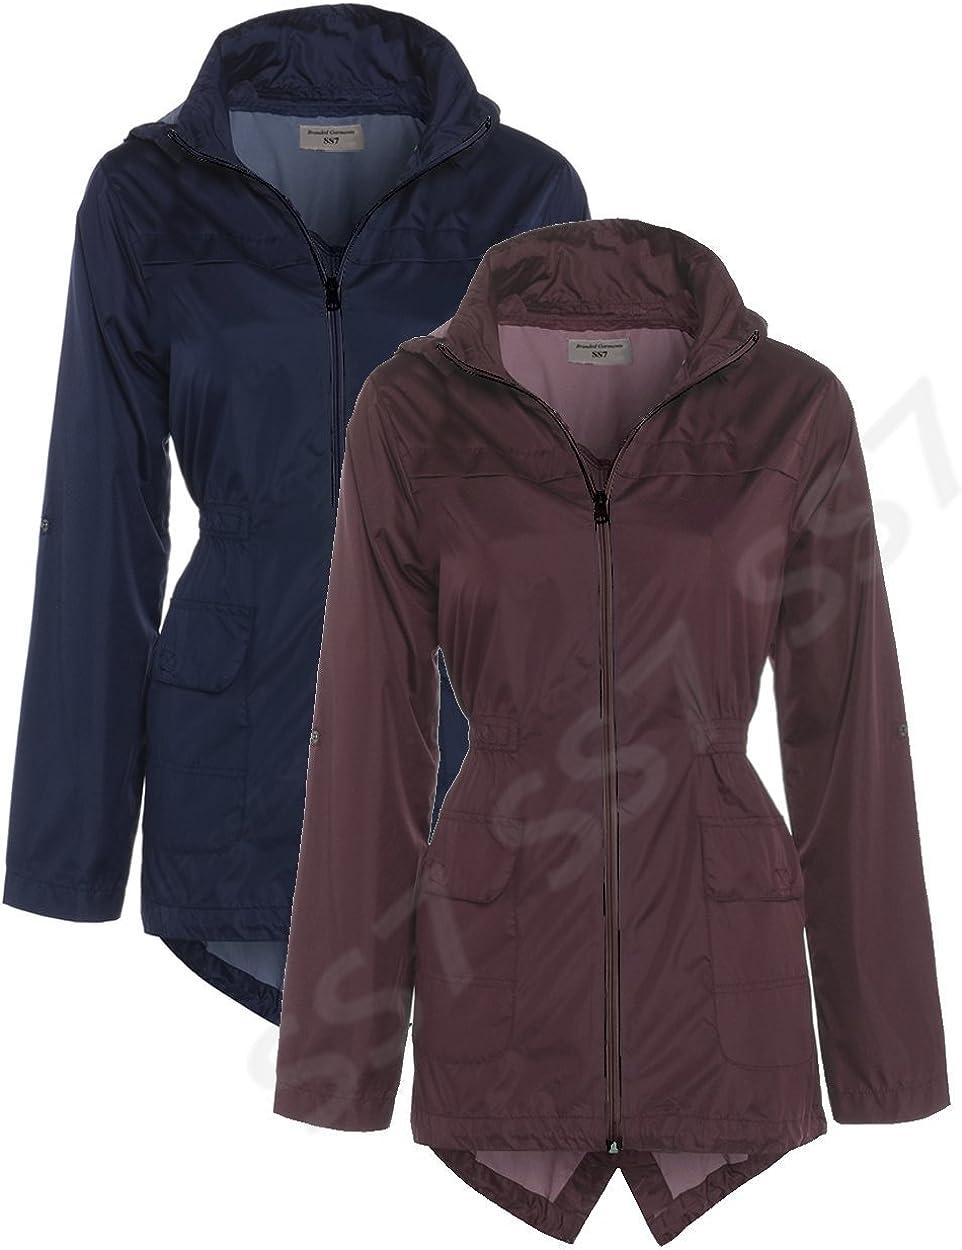 Ages 7-13 Shower Jacket Girls Parka Coat